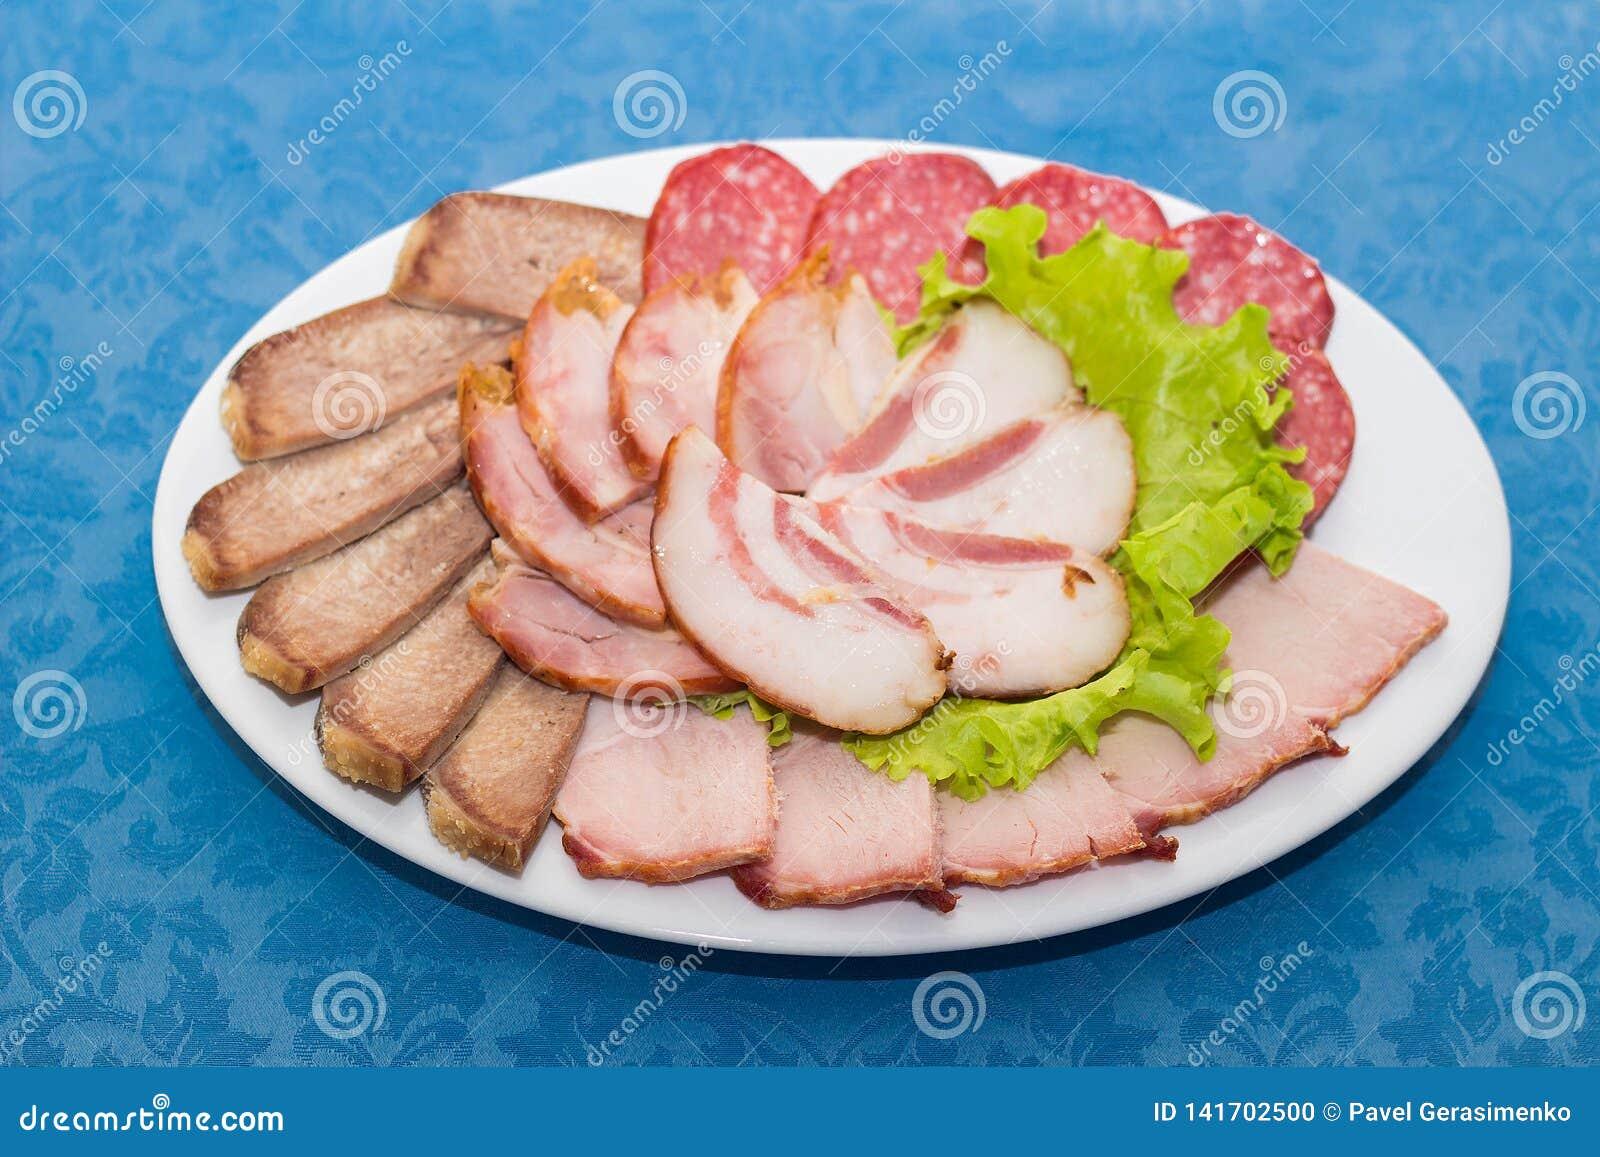 Μίγμα τεμαχισμένων κρέατος, λουκάνικου και ζαμπόν